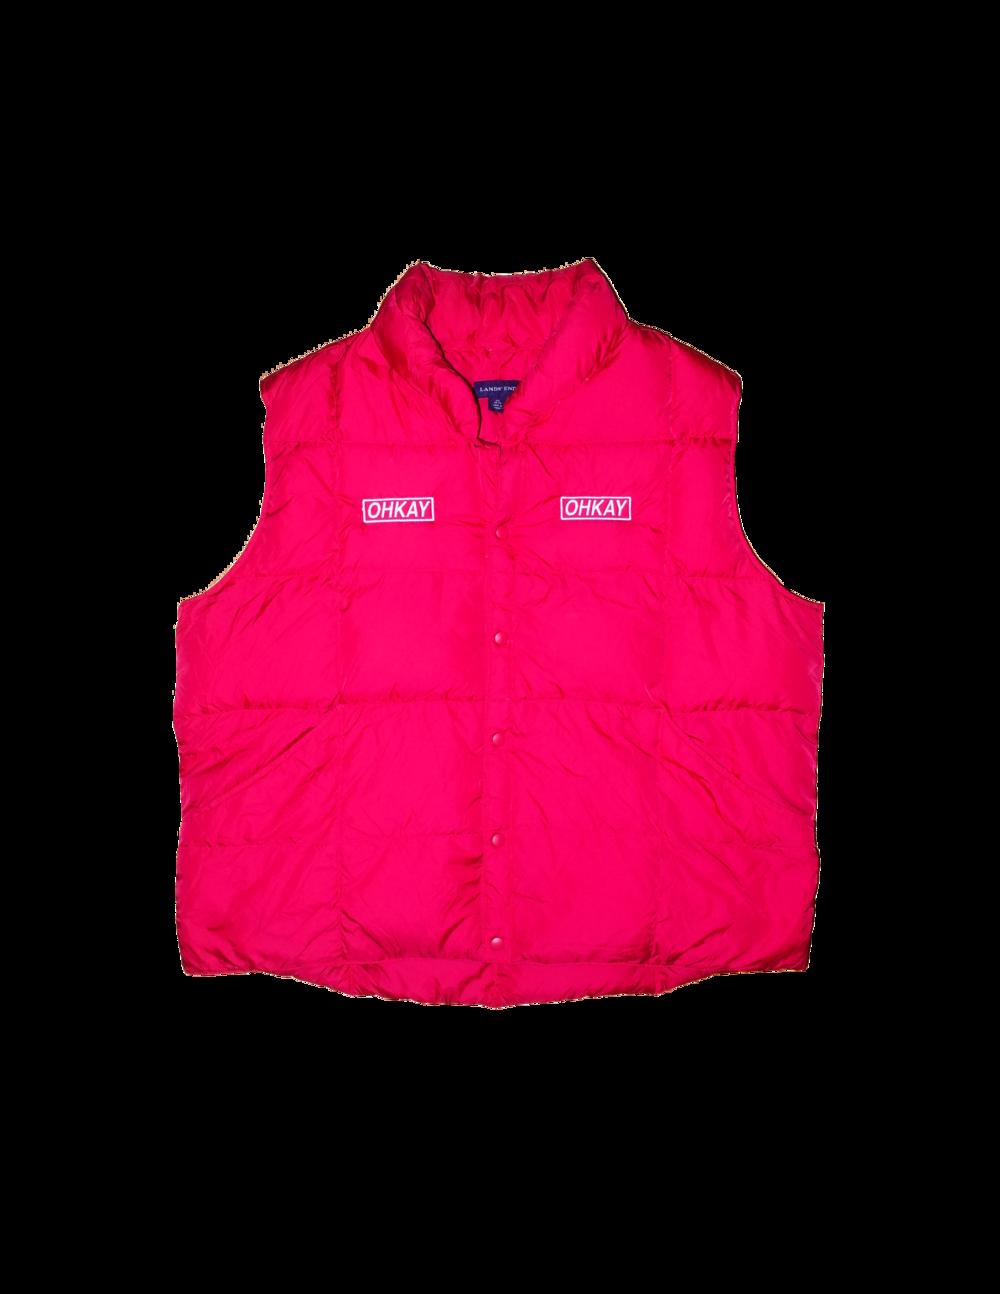 vest front.png